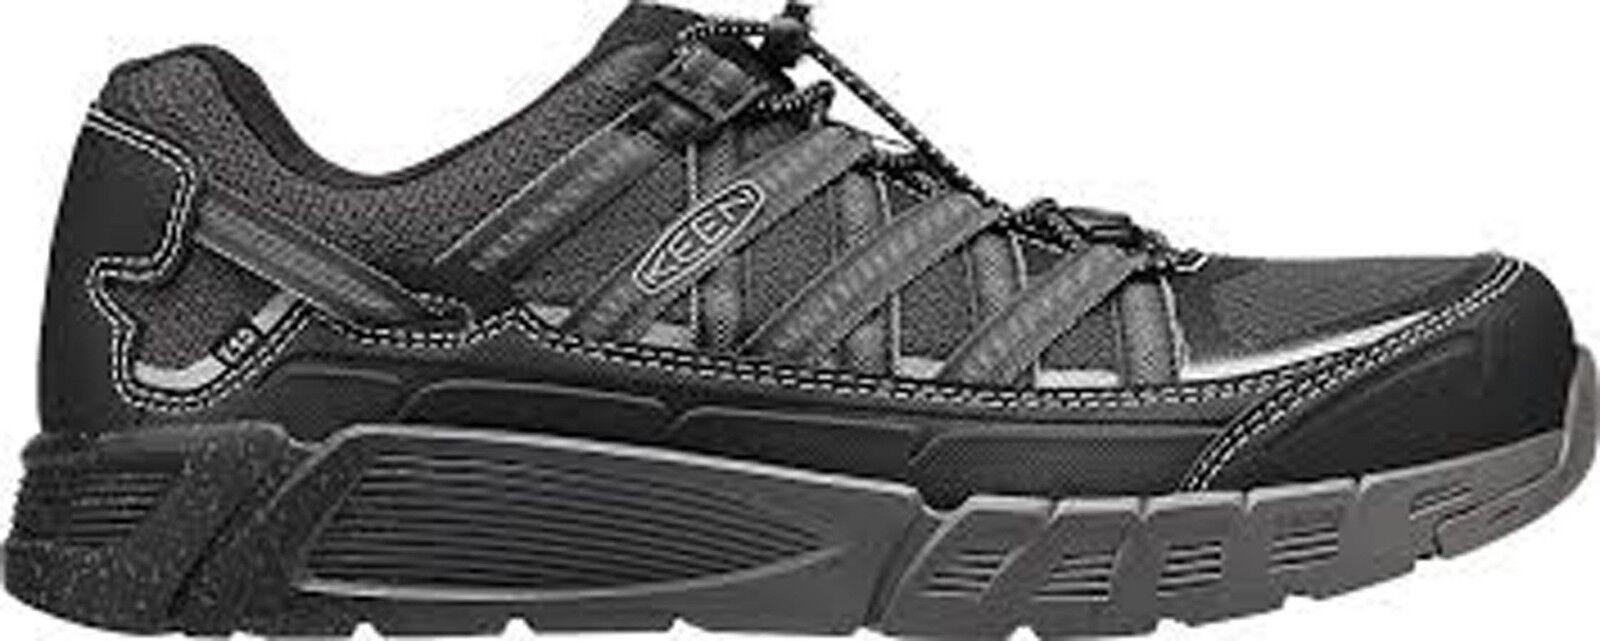 New KEEN Utility Aluminum Toe 1017070 Wedge Sole Work Schuhes 1017070 Toe men's sz 11 6d9cdb